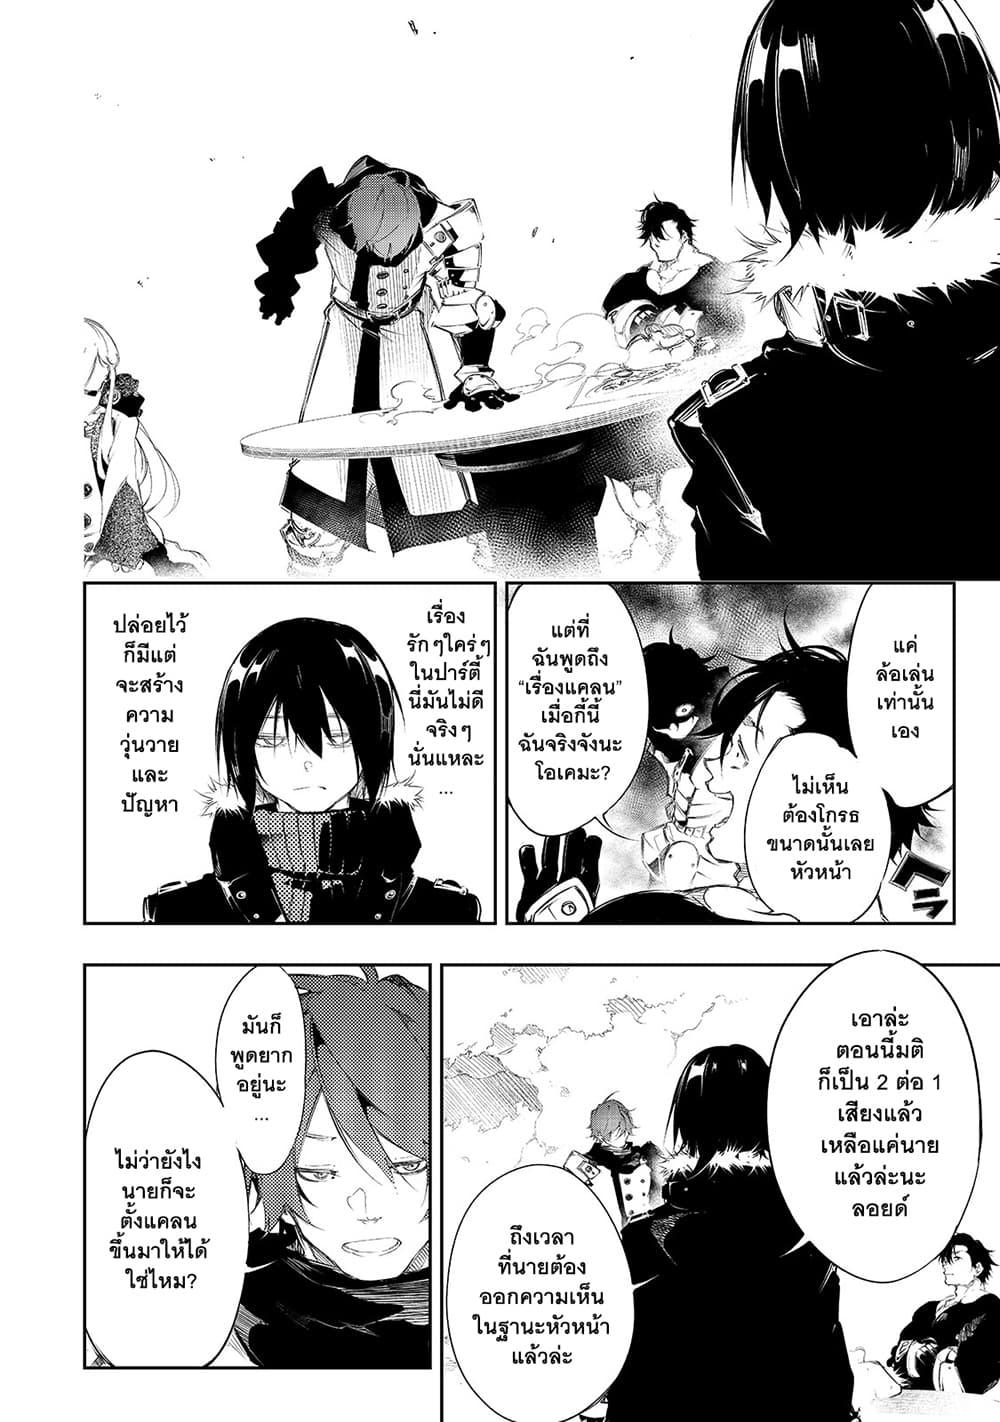 อ่านการ์ตูน Saikyou no Shien-shoku Wajutsushi Dearu Ore wa Sekai Saikyou Kuran o Shitagaeru ตอนที่ 4 หน้าที่ 14